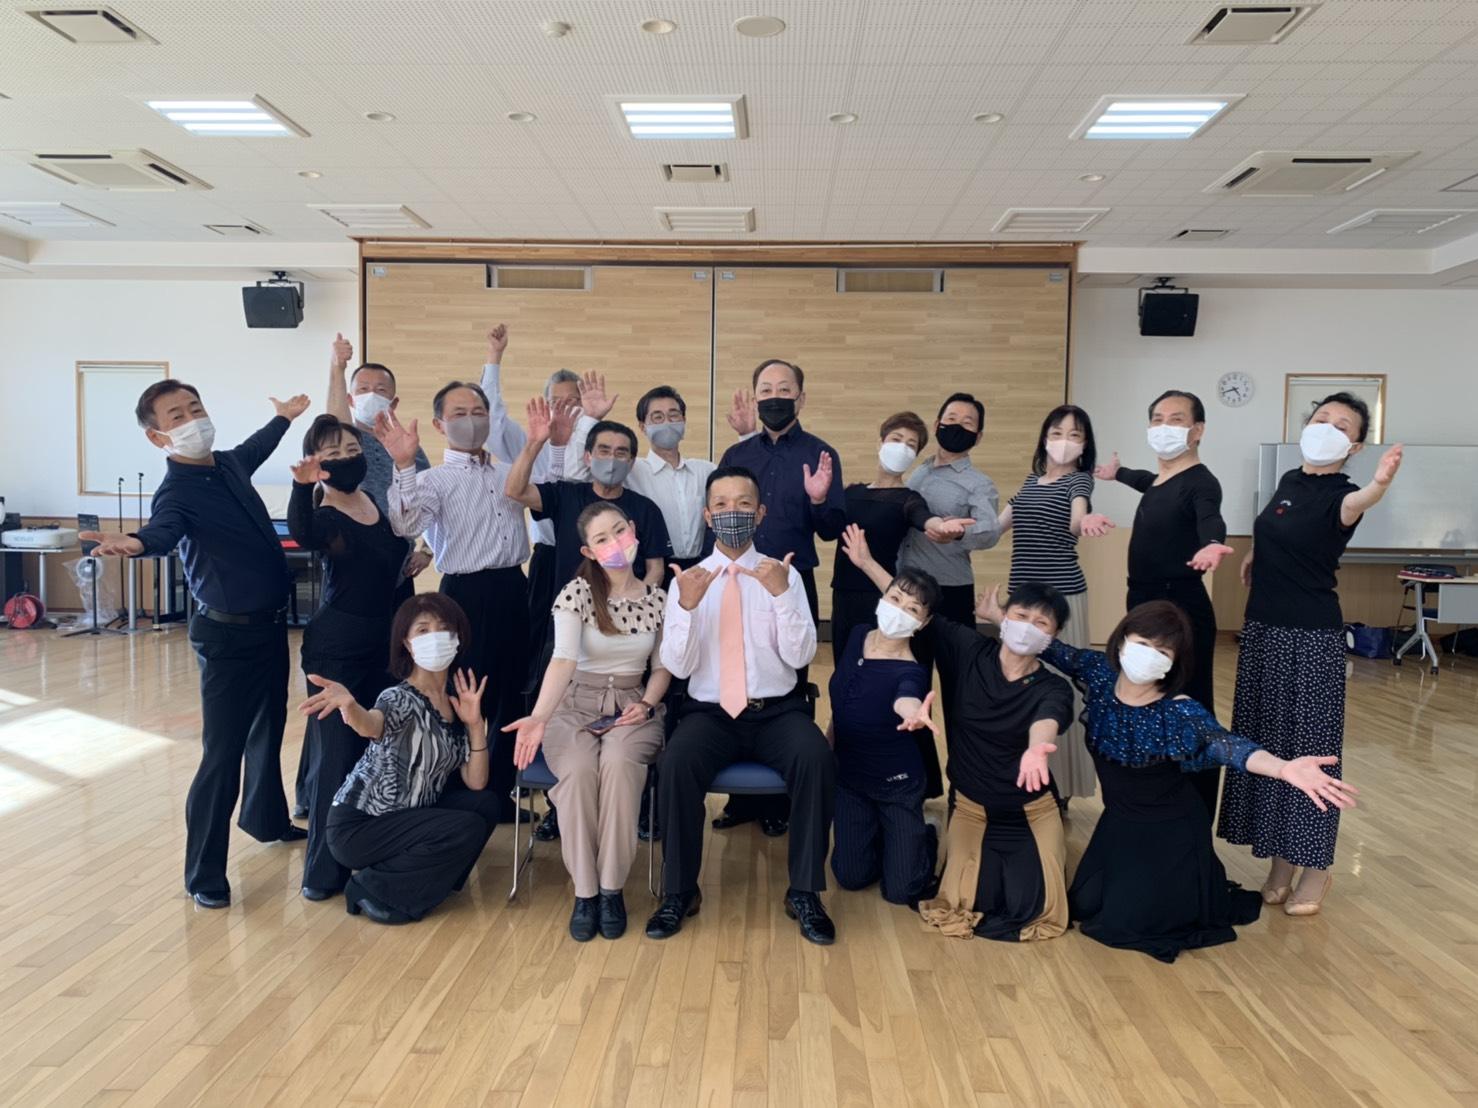 2021.06.26     DSC会員によるダンス練習会の報告です